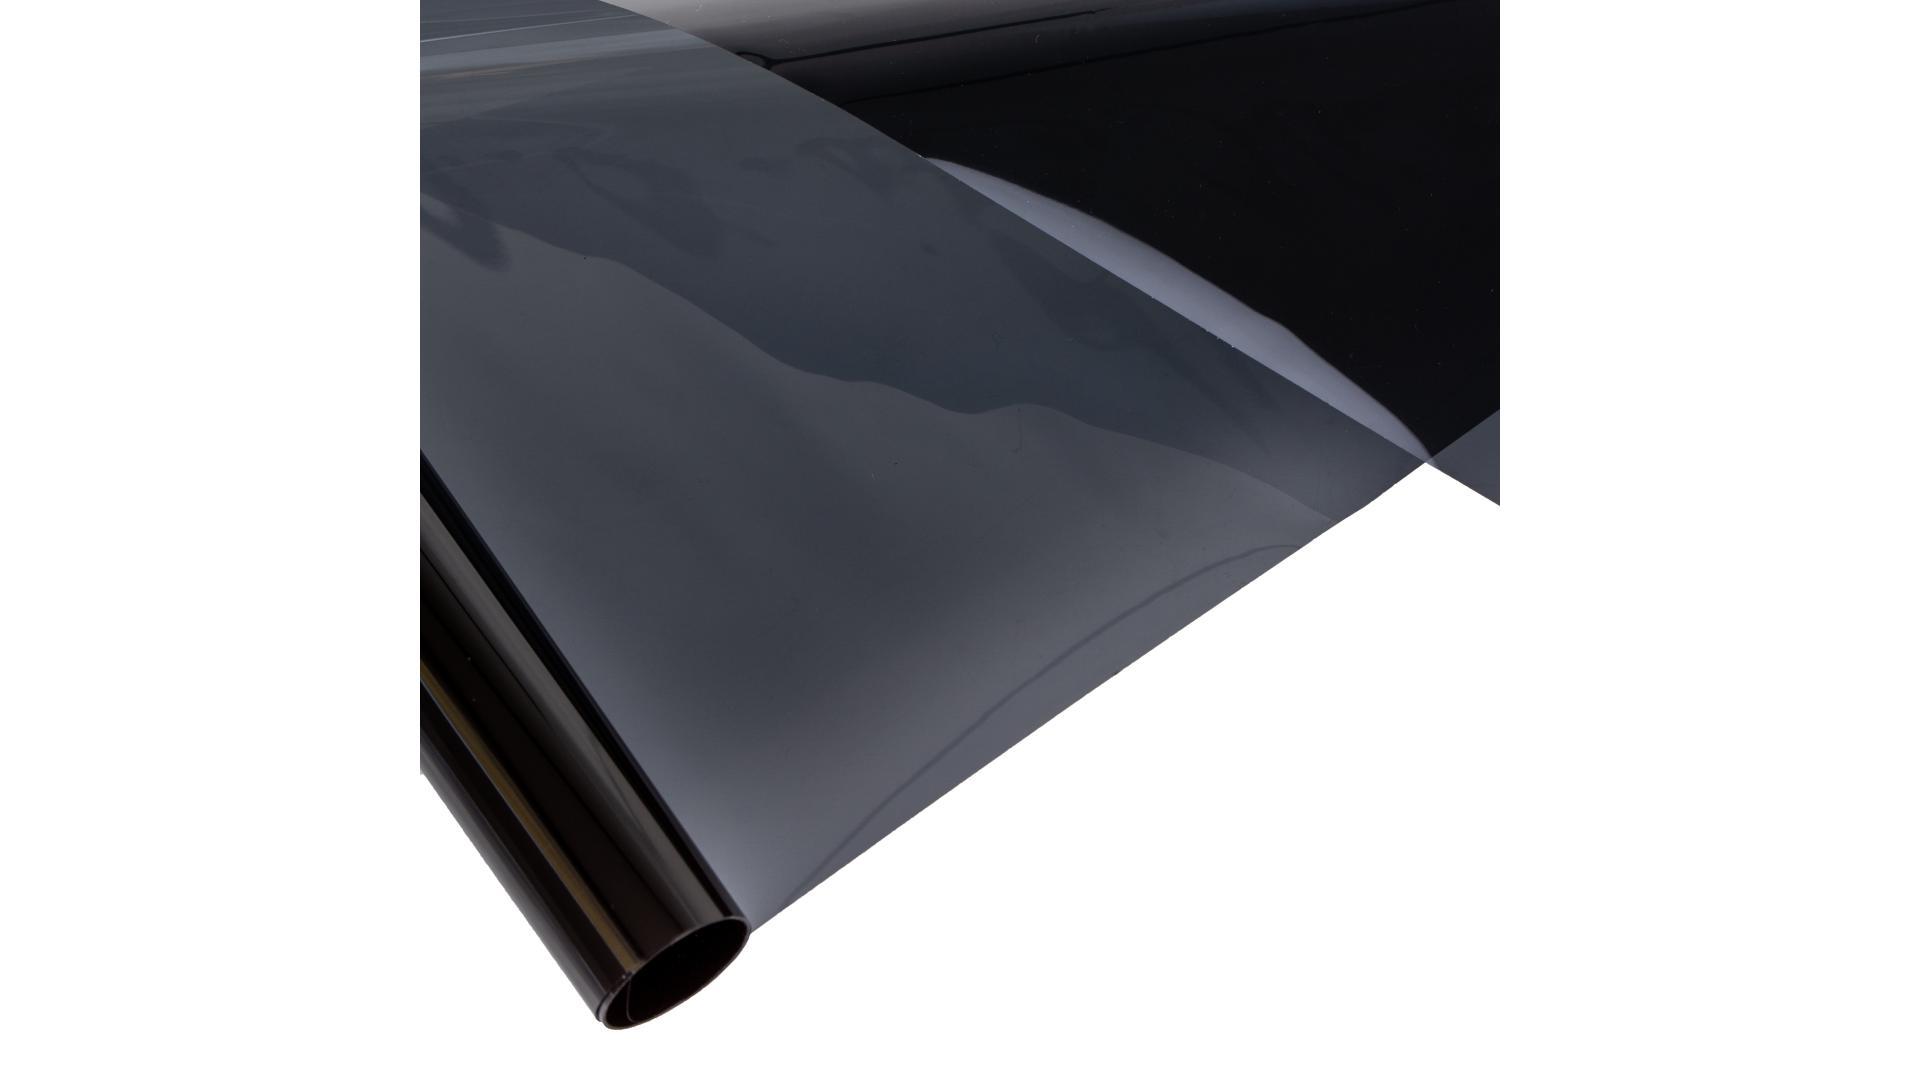 4CARS Tínící pruh čelního skla 20x150cm, černá